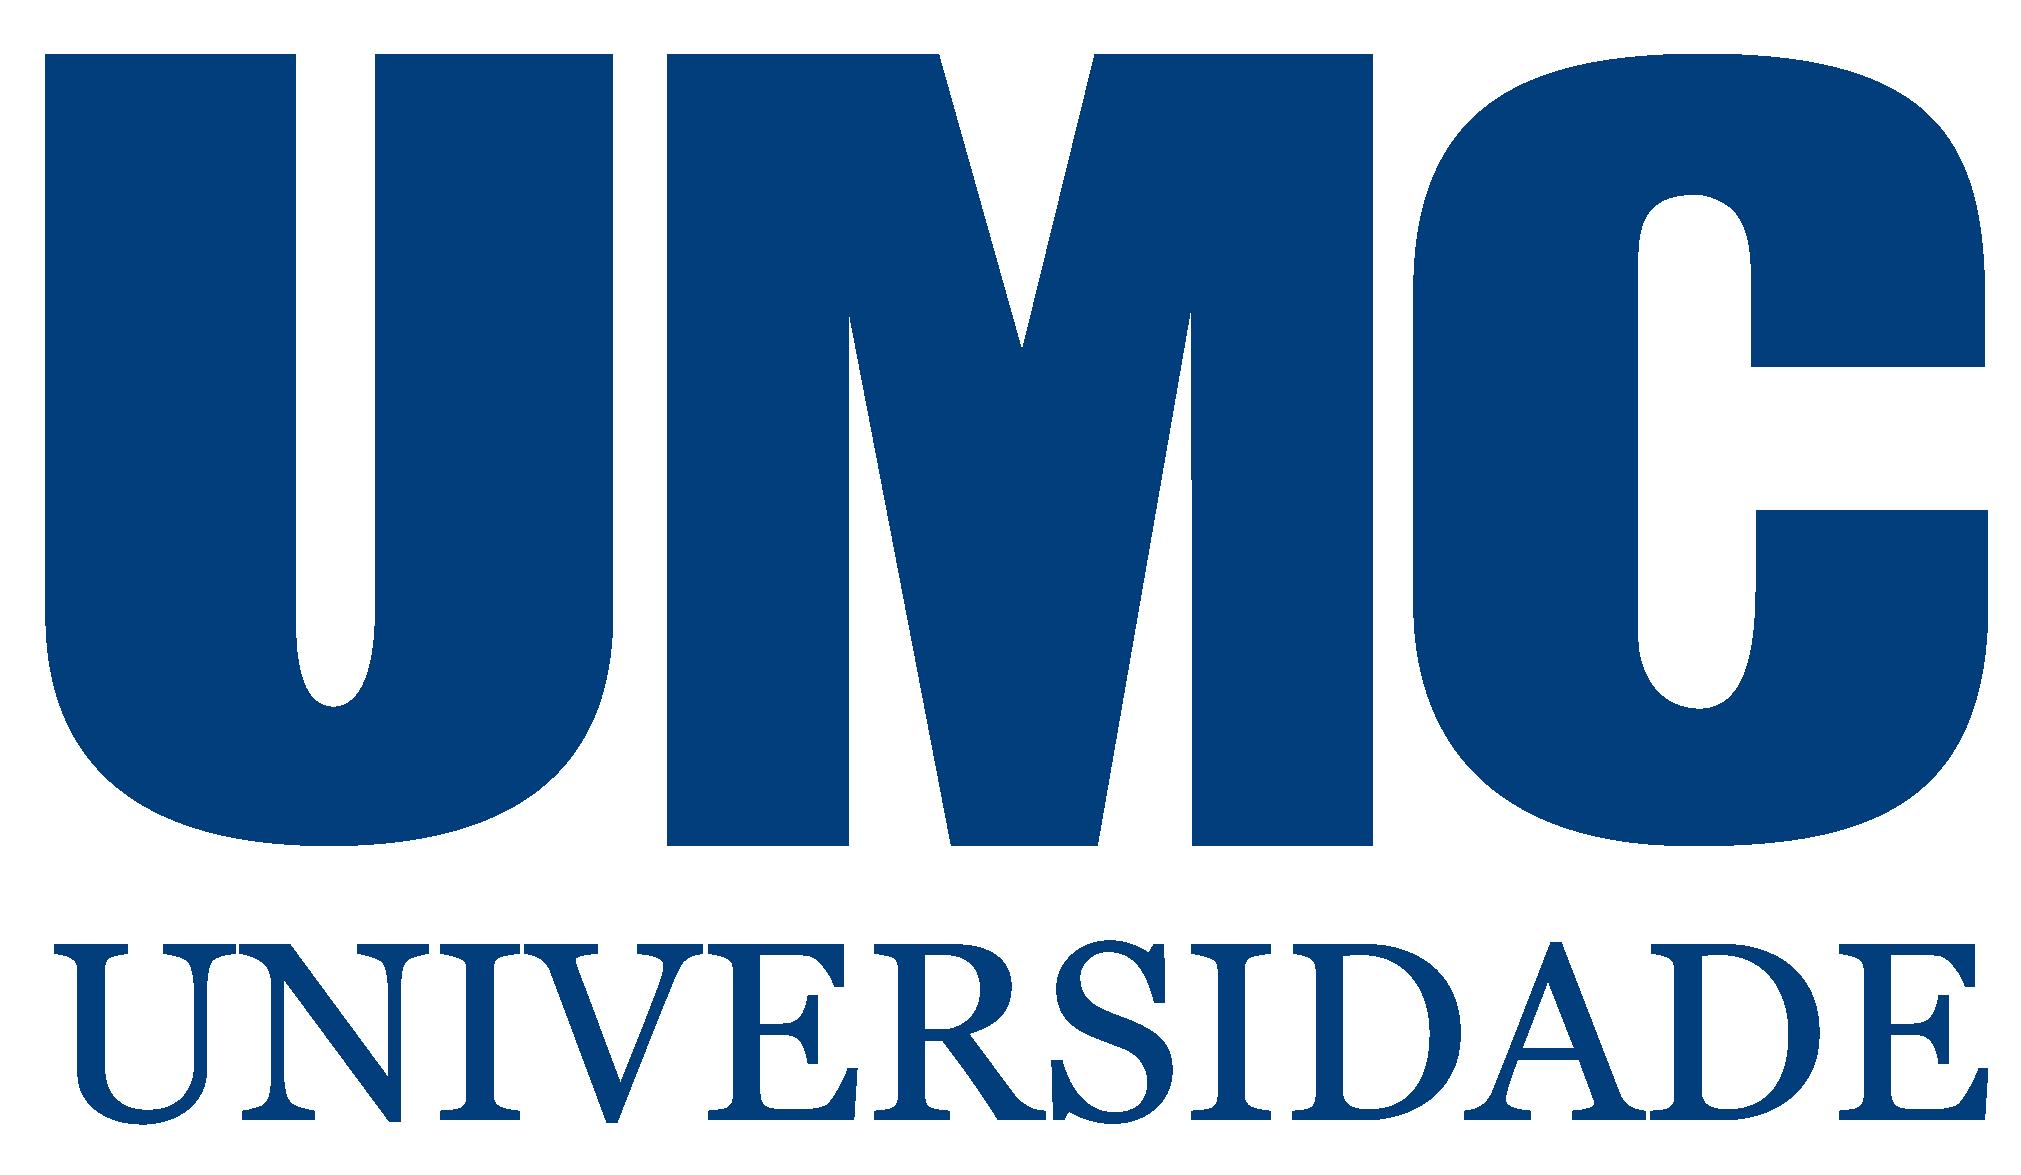 Universidade de Mogi das Cruzes